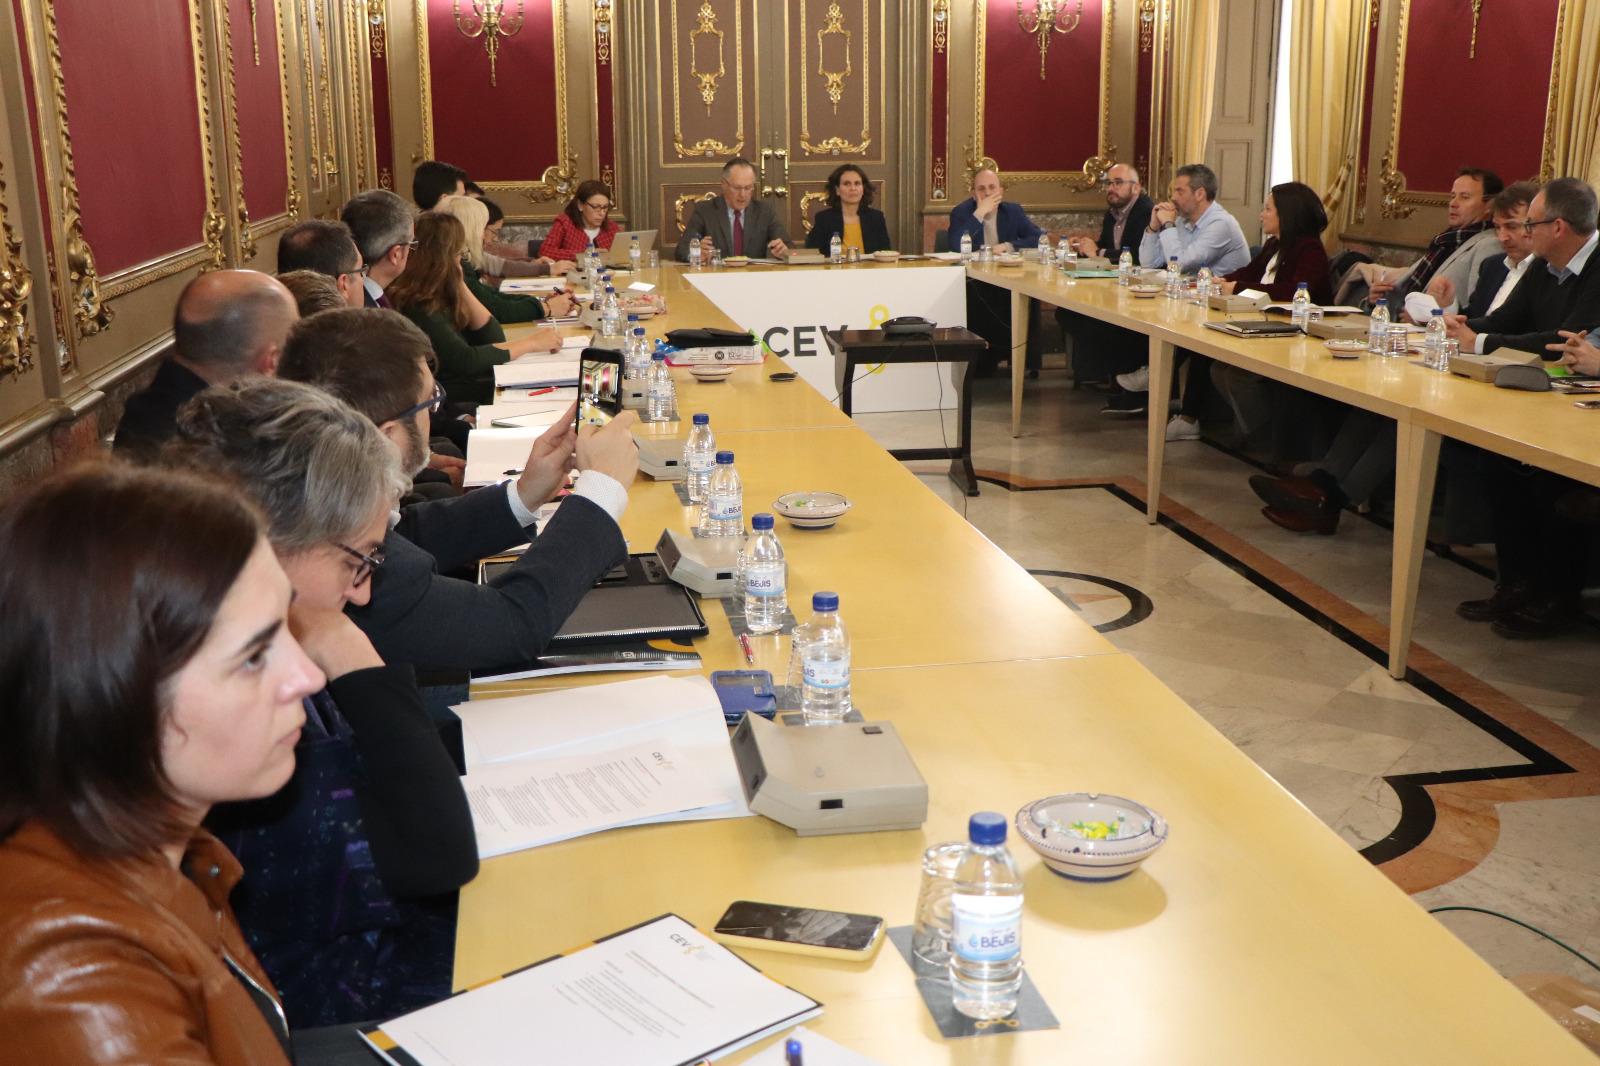 """La secretària autonòmica d""""Emergència Climàtica i Transició Ecològica explica en la CEV les novetats legislatives d""""aplicació i desenvolupament d""""..."""